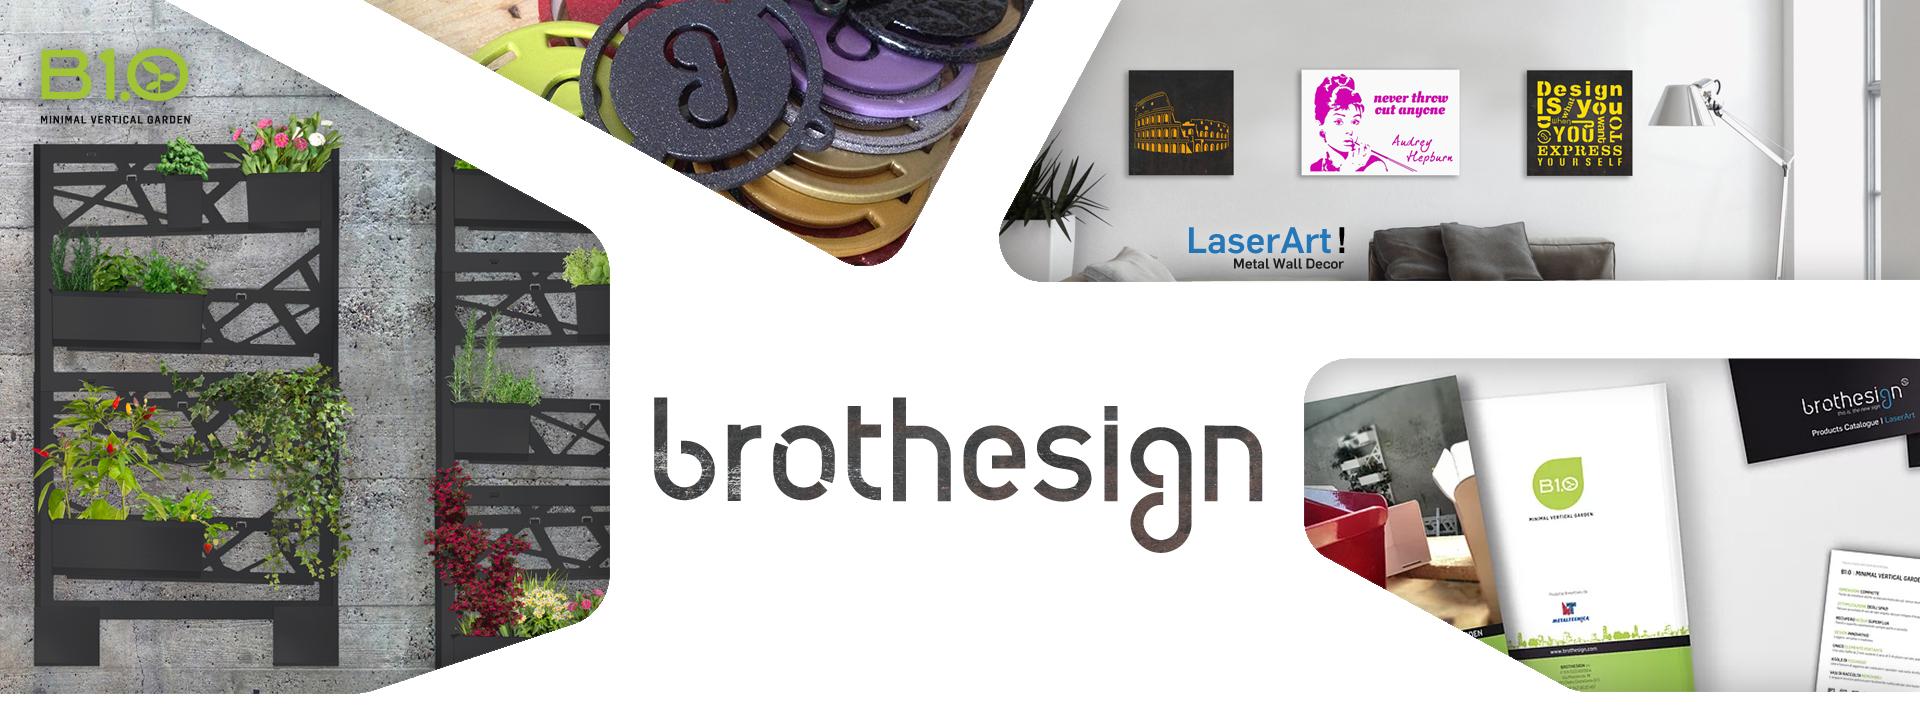 Brothesign